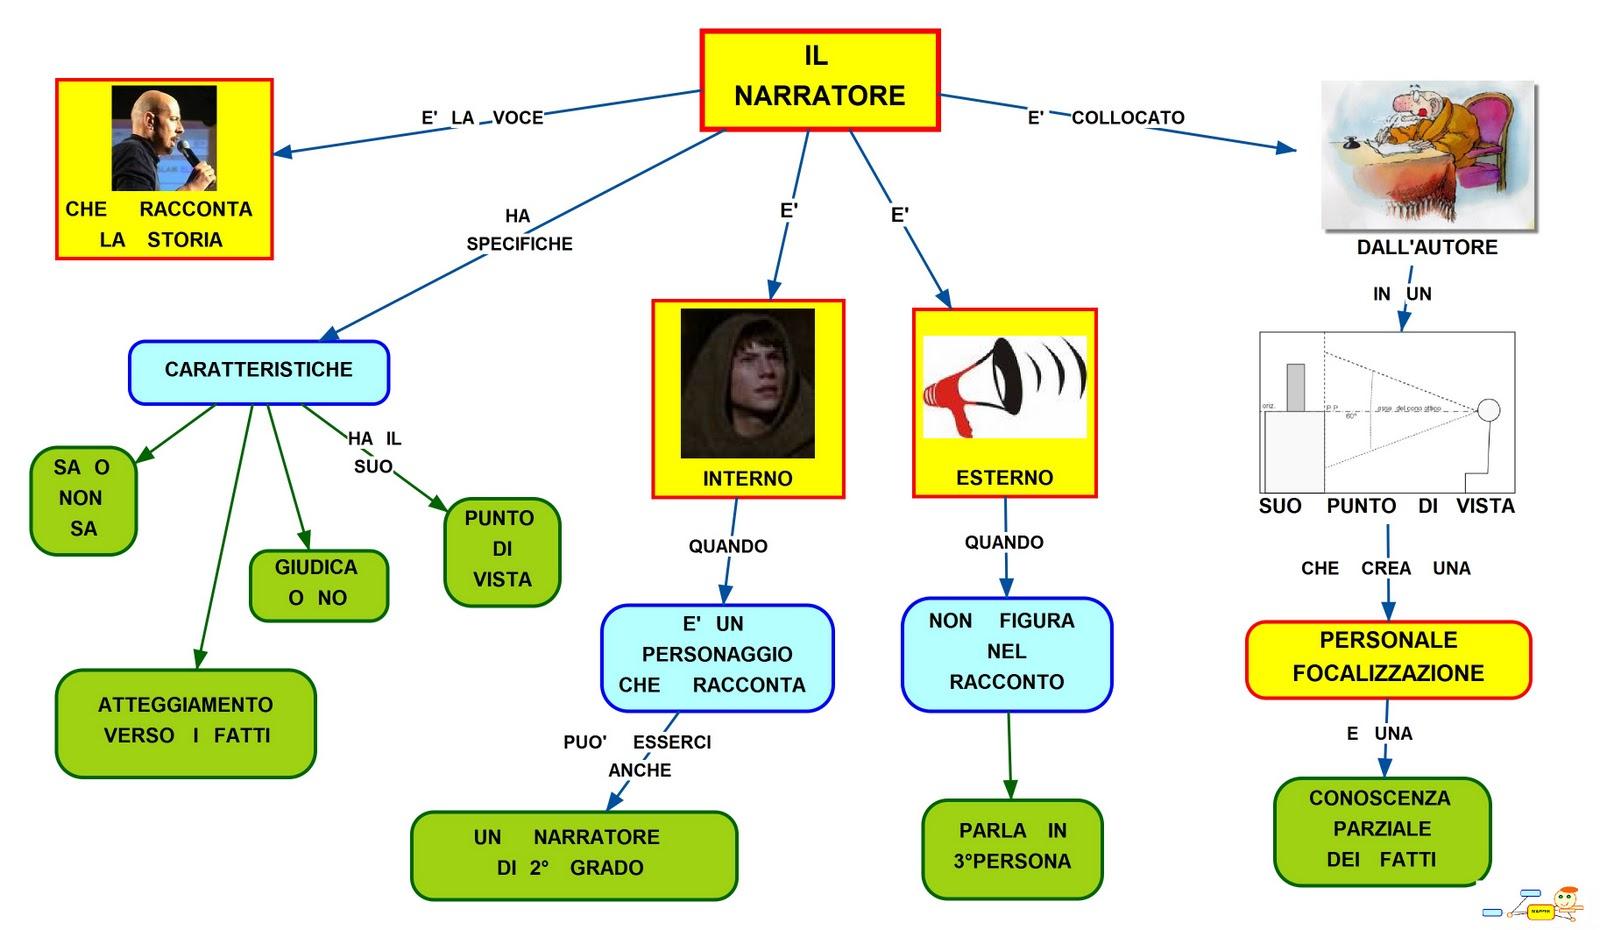 Mappa concettuale narratore caratteristiche